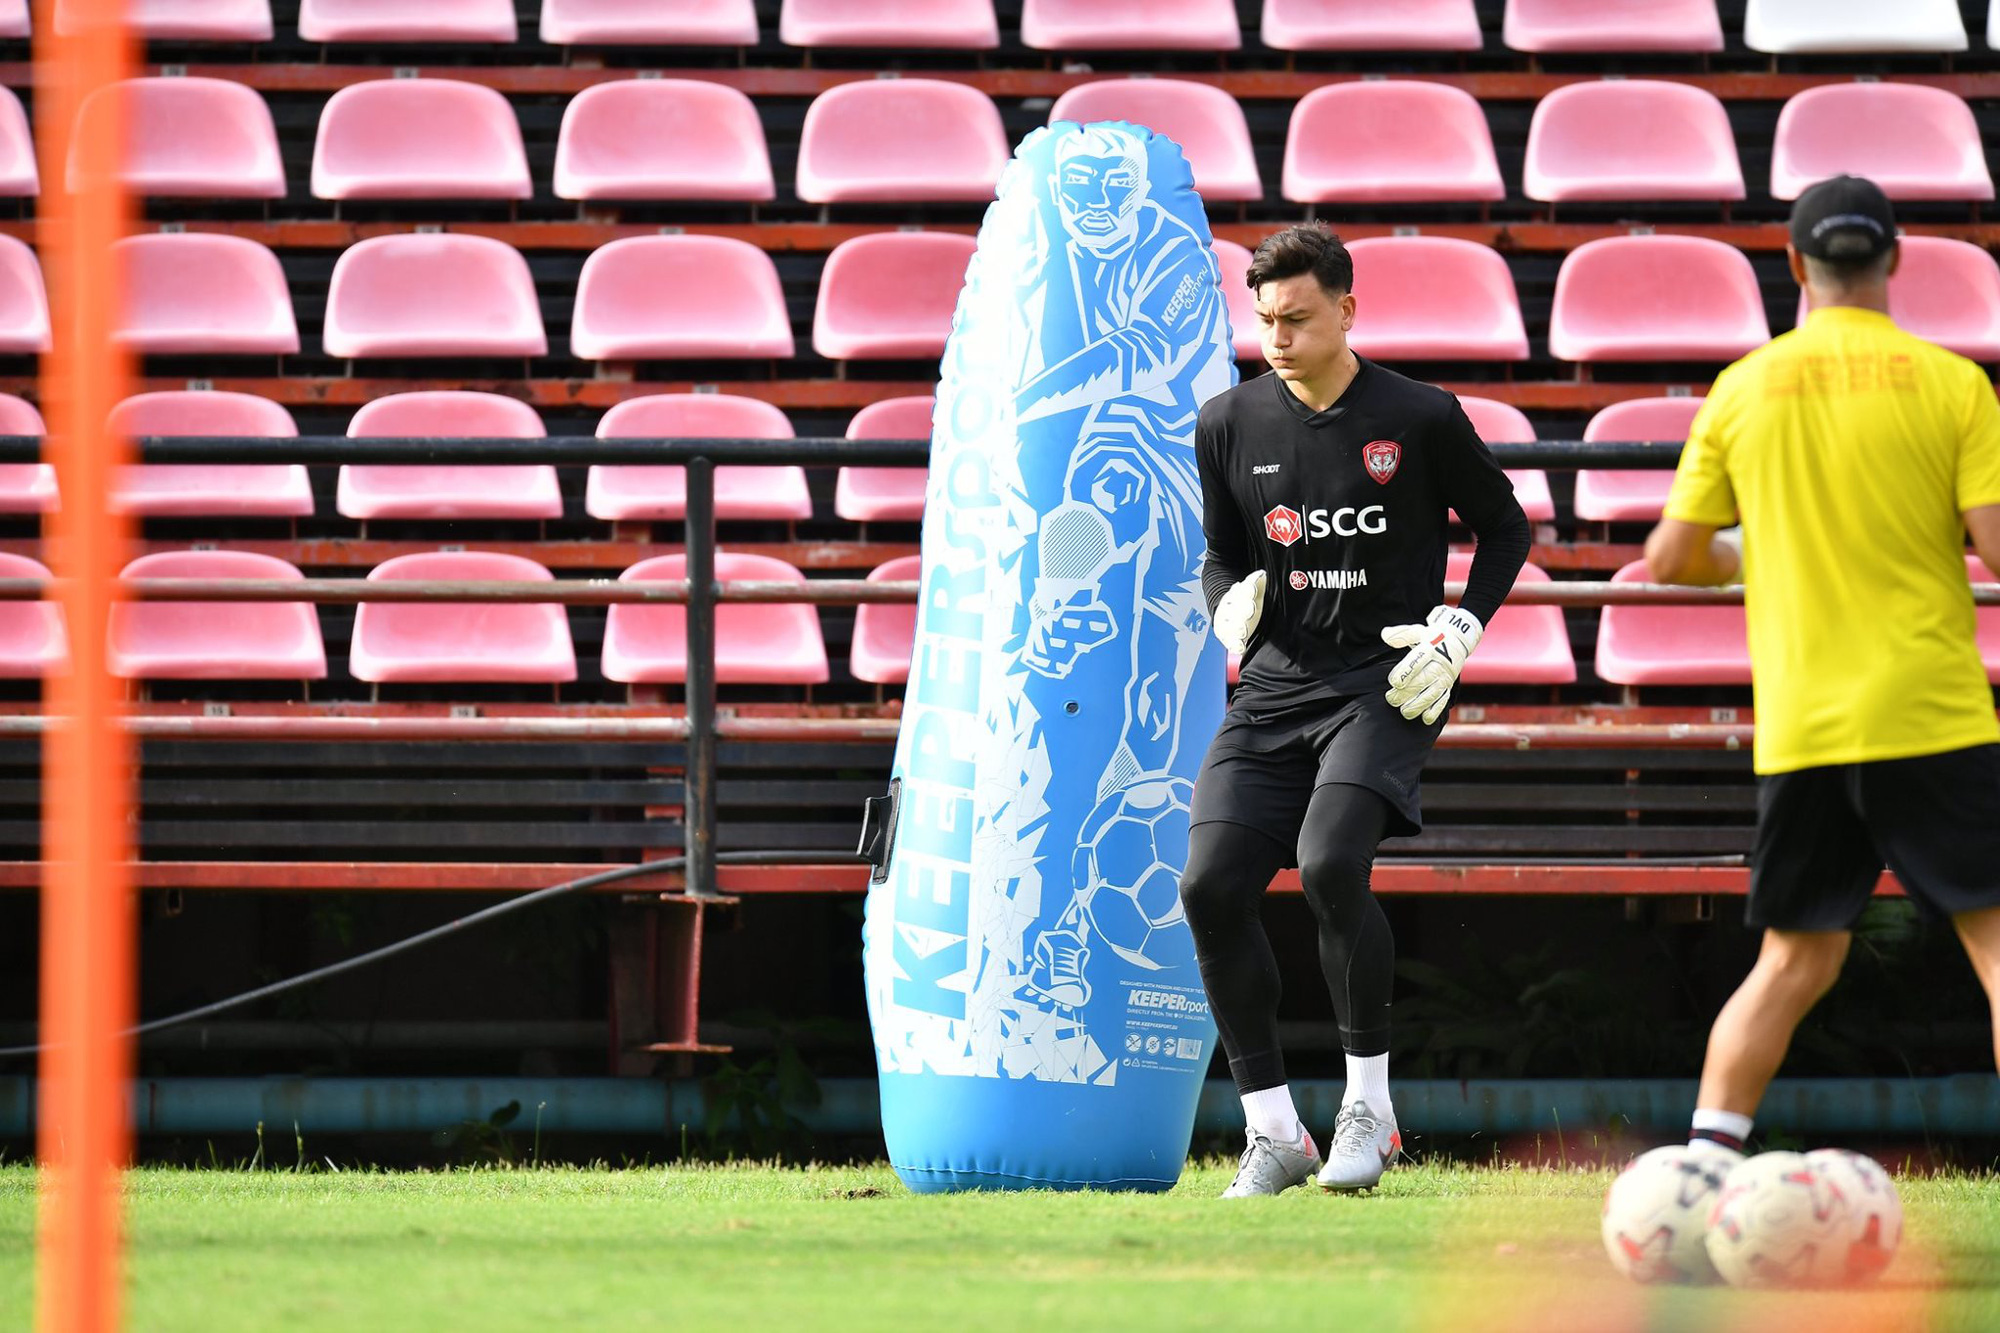 Sợ mất tiền, nhiều đội bóng Thái Lan lại trở mặt: Yêu cầu Liên đoàn hủy bỏ kế hoạch, sớm đưa Thai League trở lại - Ảnh 1.